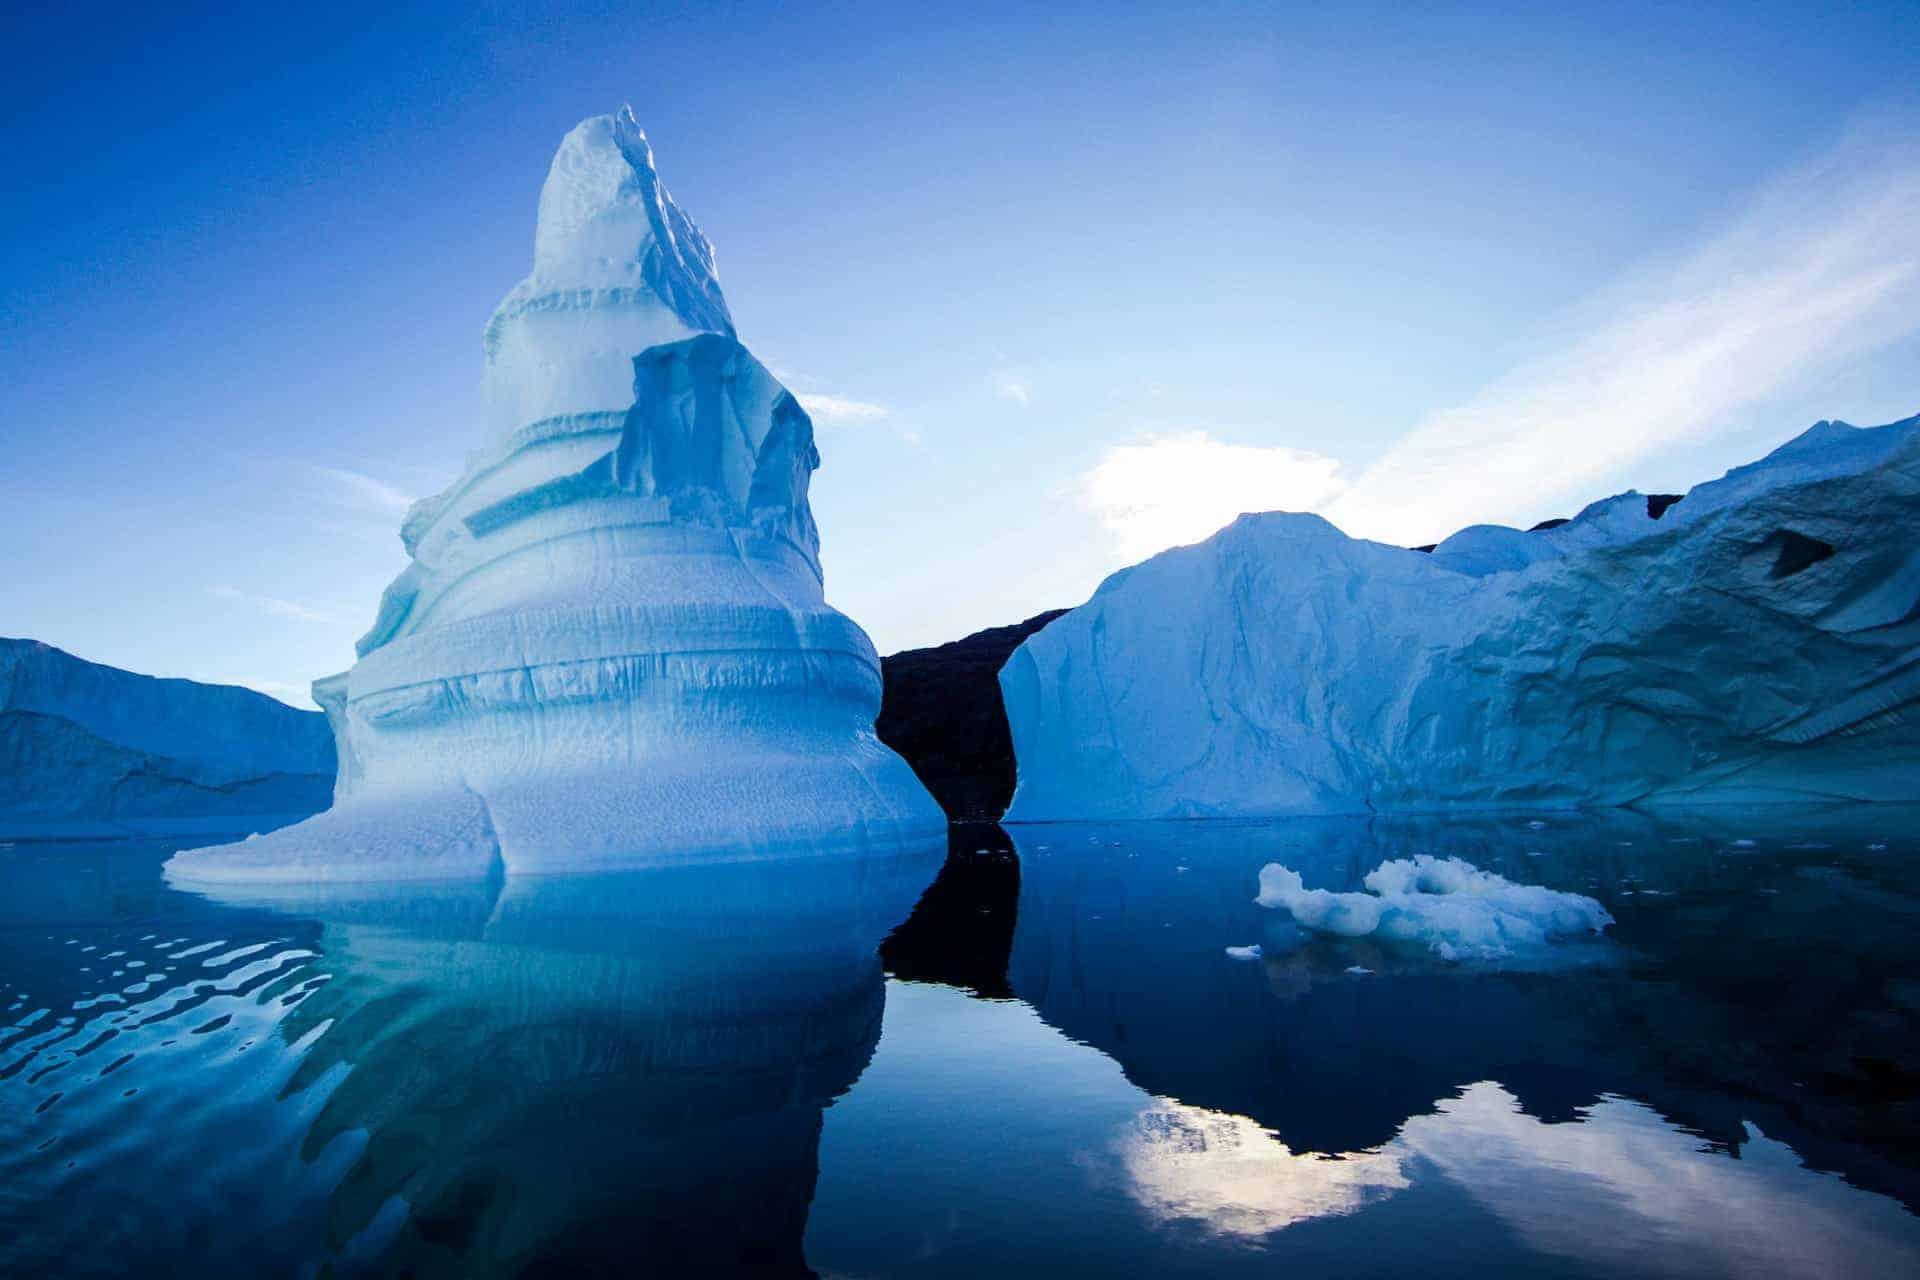 El derretimiento de hielos en Groenlandia está alcanzando un punto de inflexión y, según un nuevo estudio, podría entrar en un proceso más acelerado